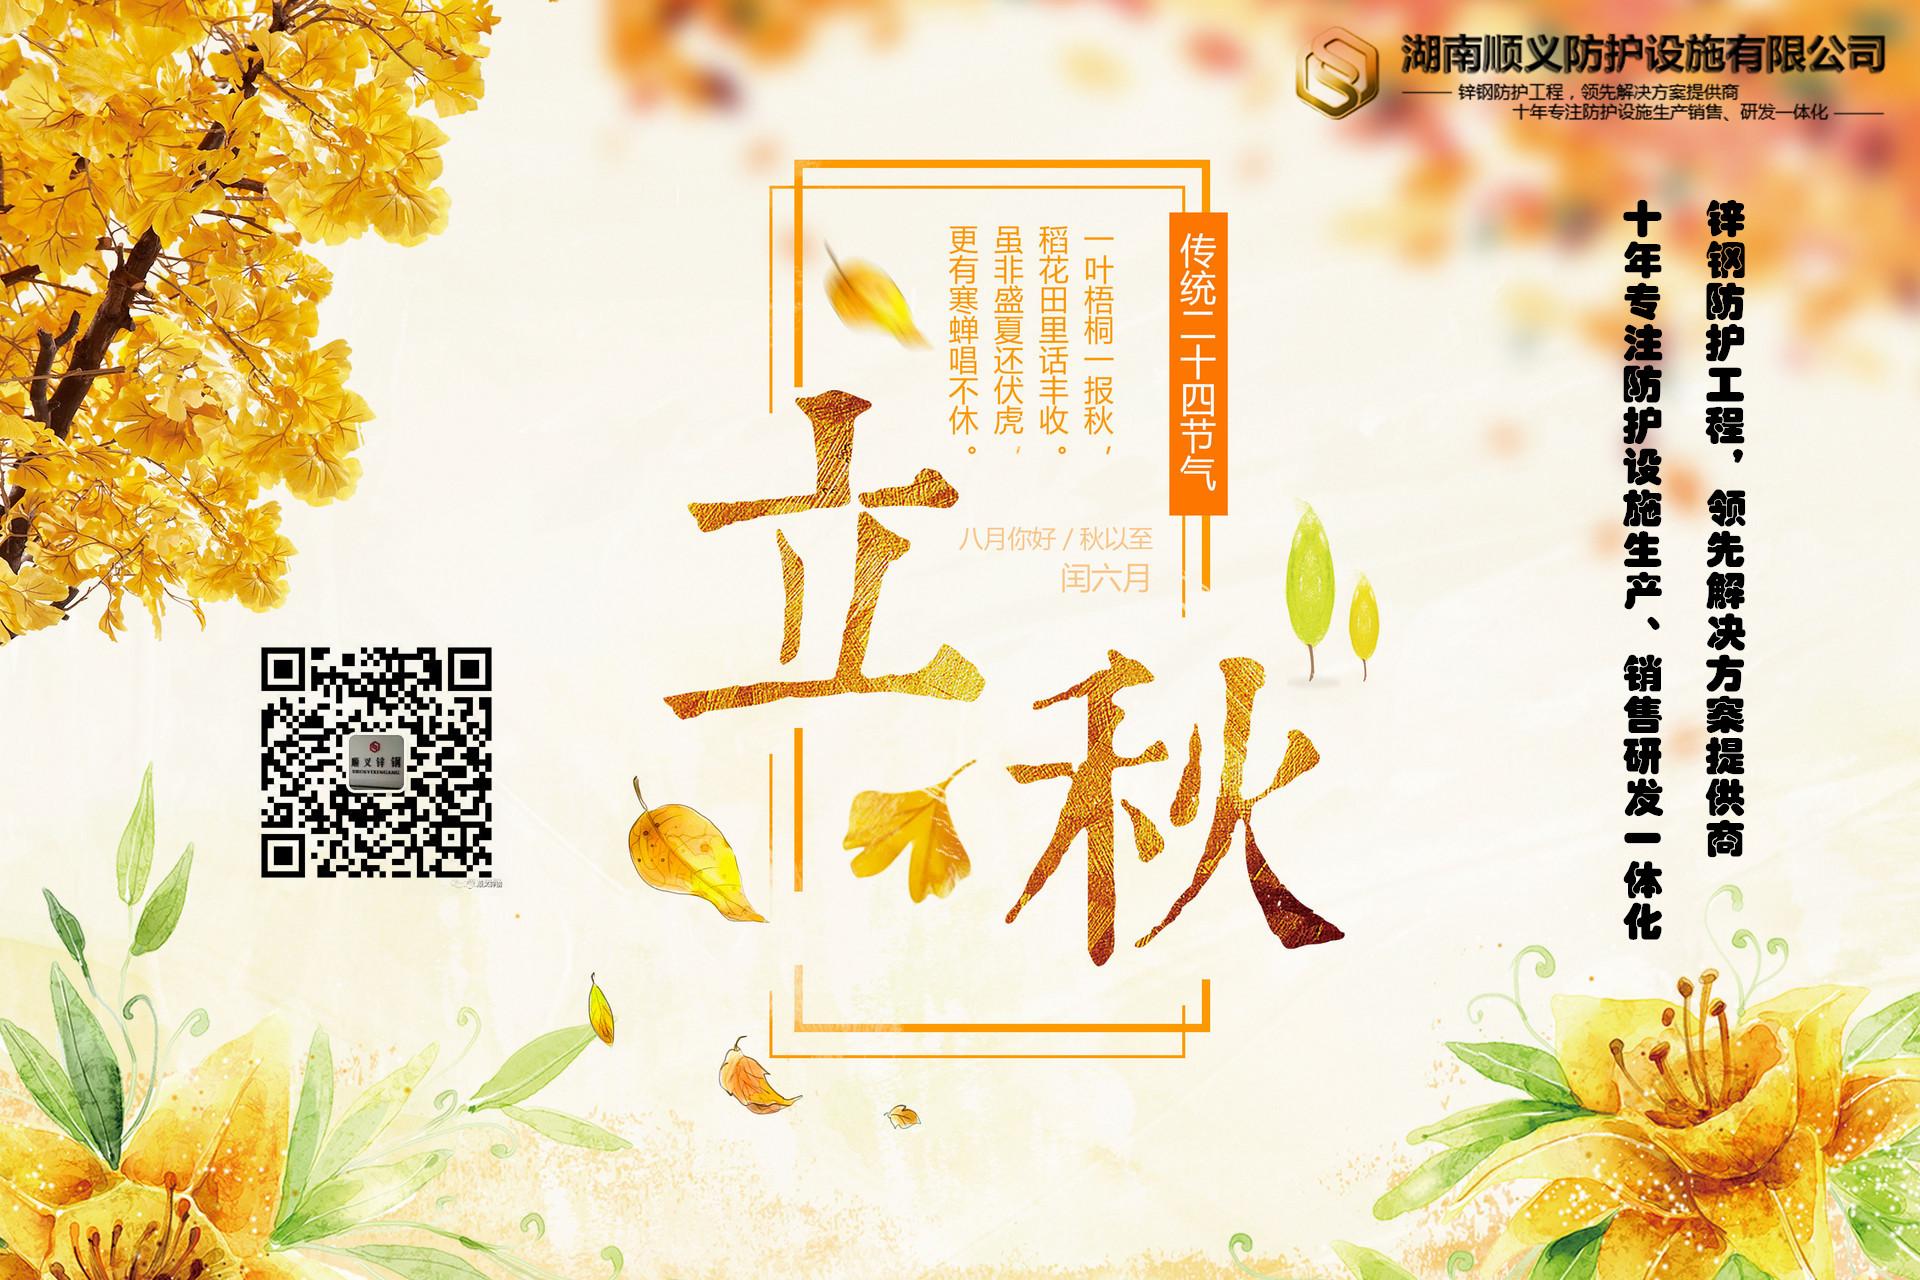 落一叶而知秋|顺义锌钢祝新老顾客身体健康!